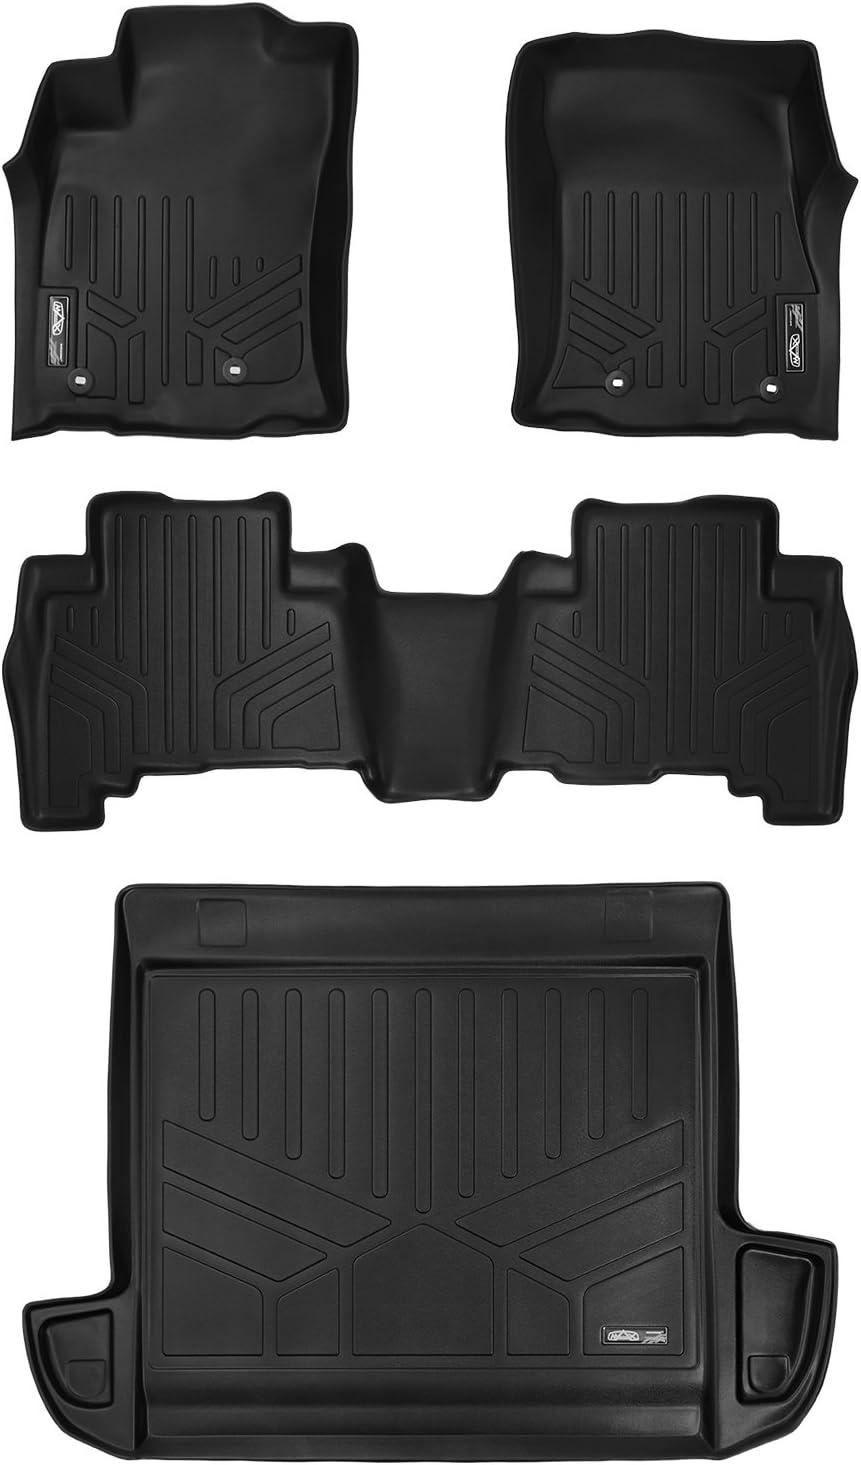 MAX LINER Floor Mats and Cargo Liner Set Black for 2013-2018 Toyota 4Runner 5 Passenger Model